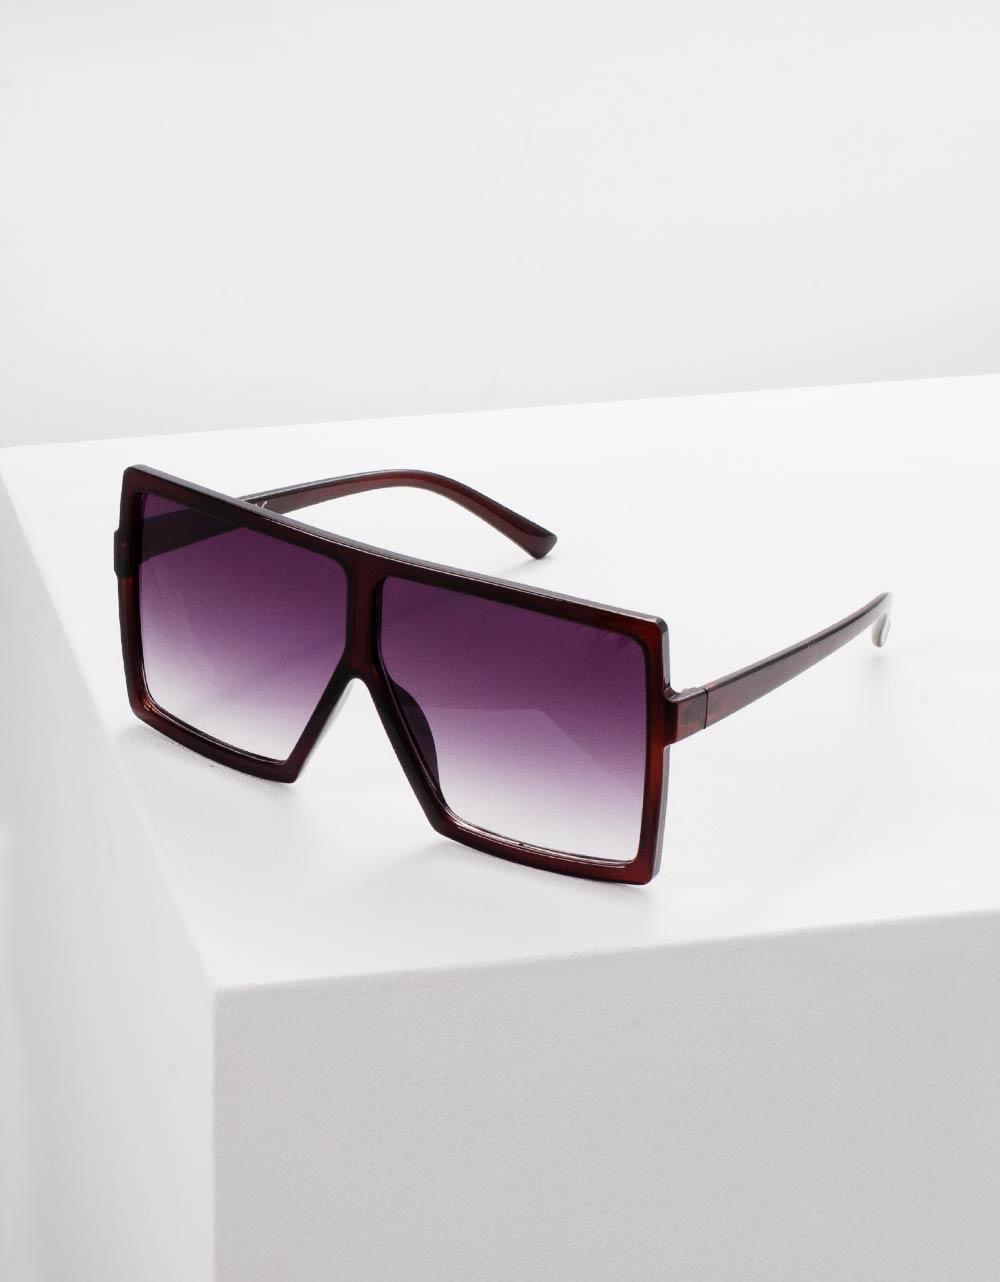 Εικόνα από Γυναικεία γυαλιά ηλίου σε μεγάλο τετράγωνο σχήμα Μαύρο